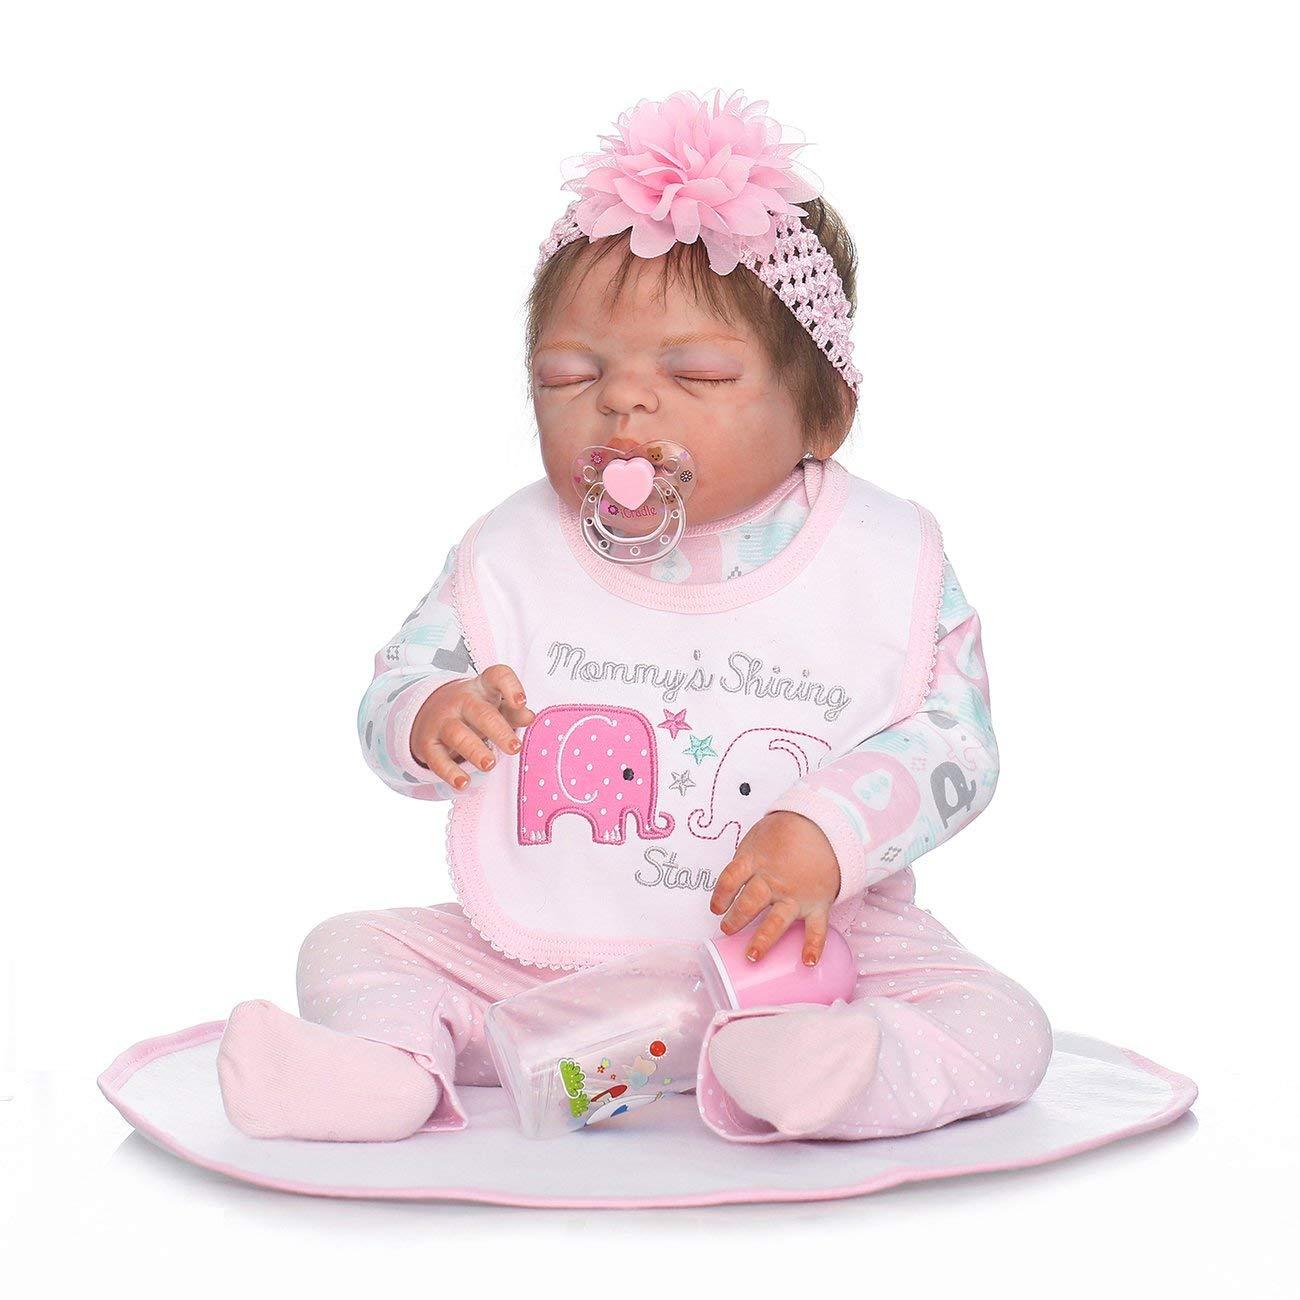 Reducción de precio LasVogos 22 Pulgadas Renacer de la muñeca de Silicona y paño de la Tela Realista Dormir recién Nacido de la muñeca